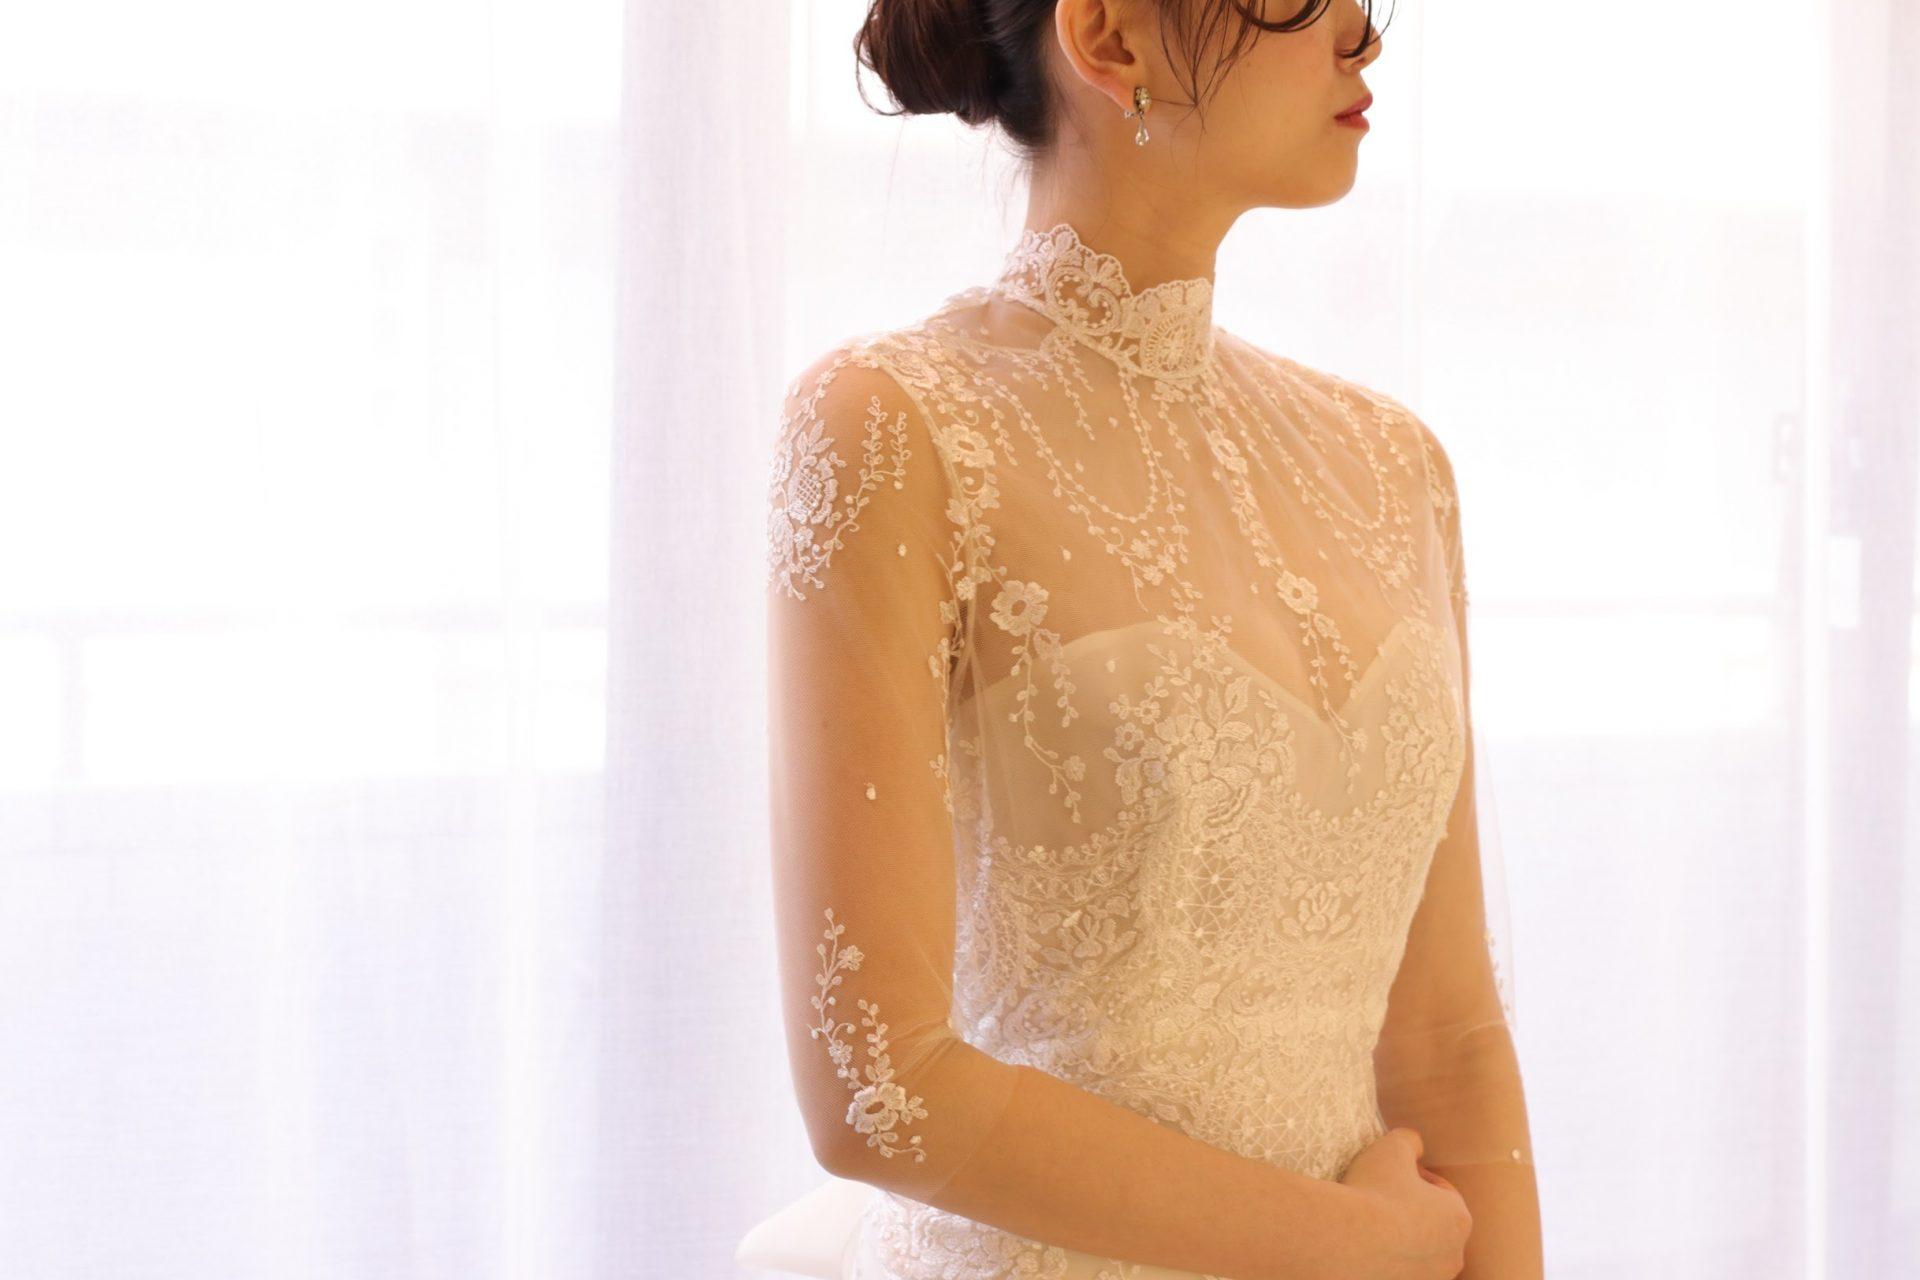 THETREATDRESSINGに届いたばかりのエリザベス・フィルモアのウェディングドレスは、ハイネックにロングスリーブというクラシカルな印象のデザインに、透明感と軽やかさを感じるレース使いで、上品な夏の結婚式にオススメの1着です